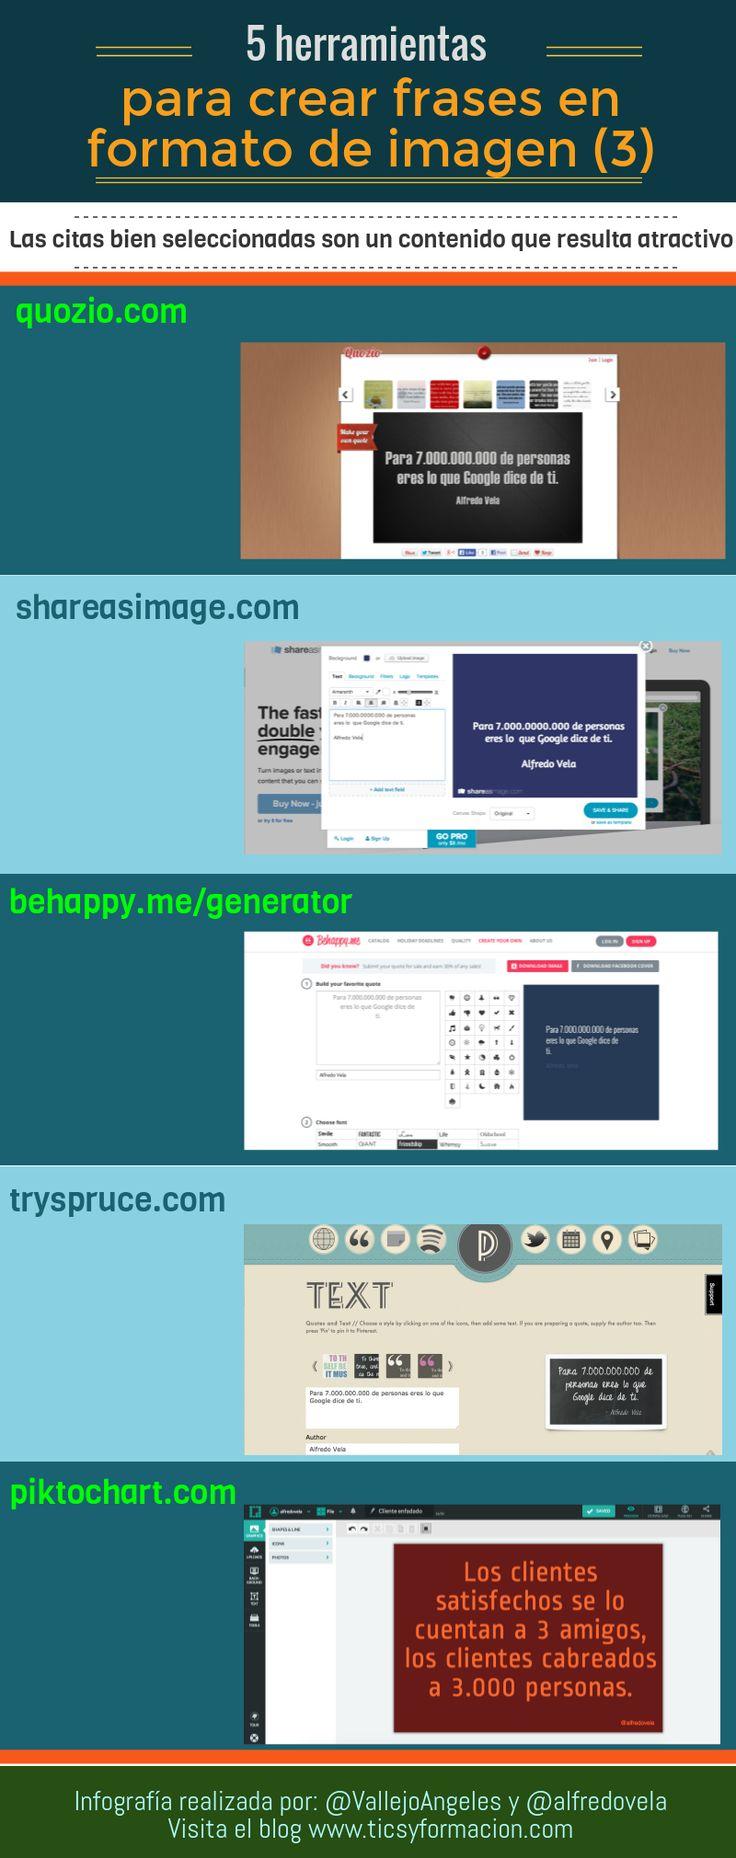 5 herramientas online para crear frases en formato de imagen (3). #infografia